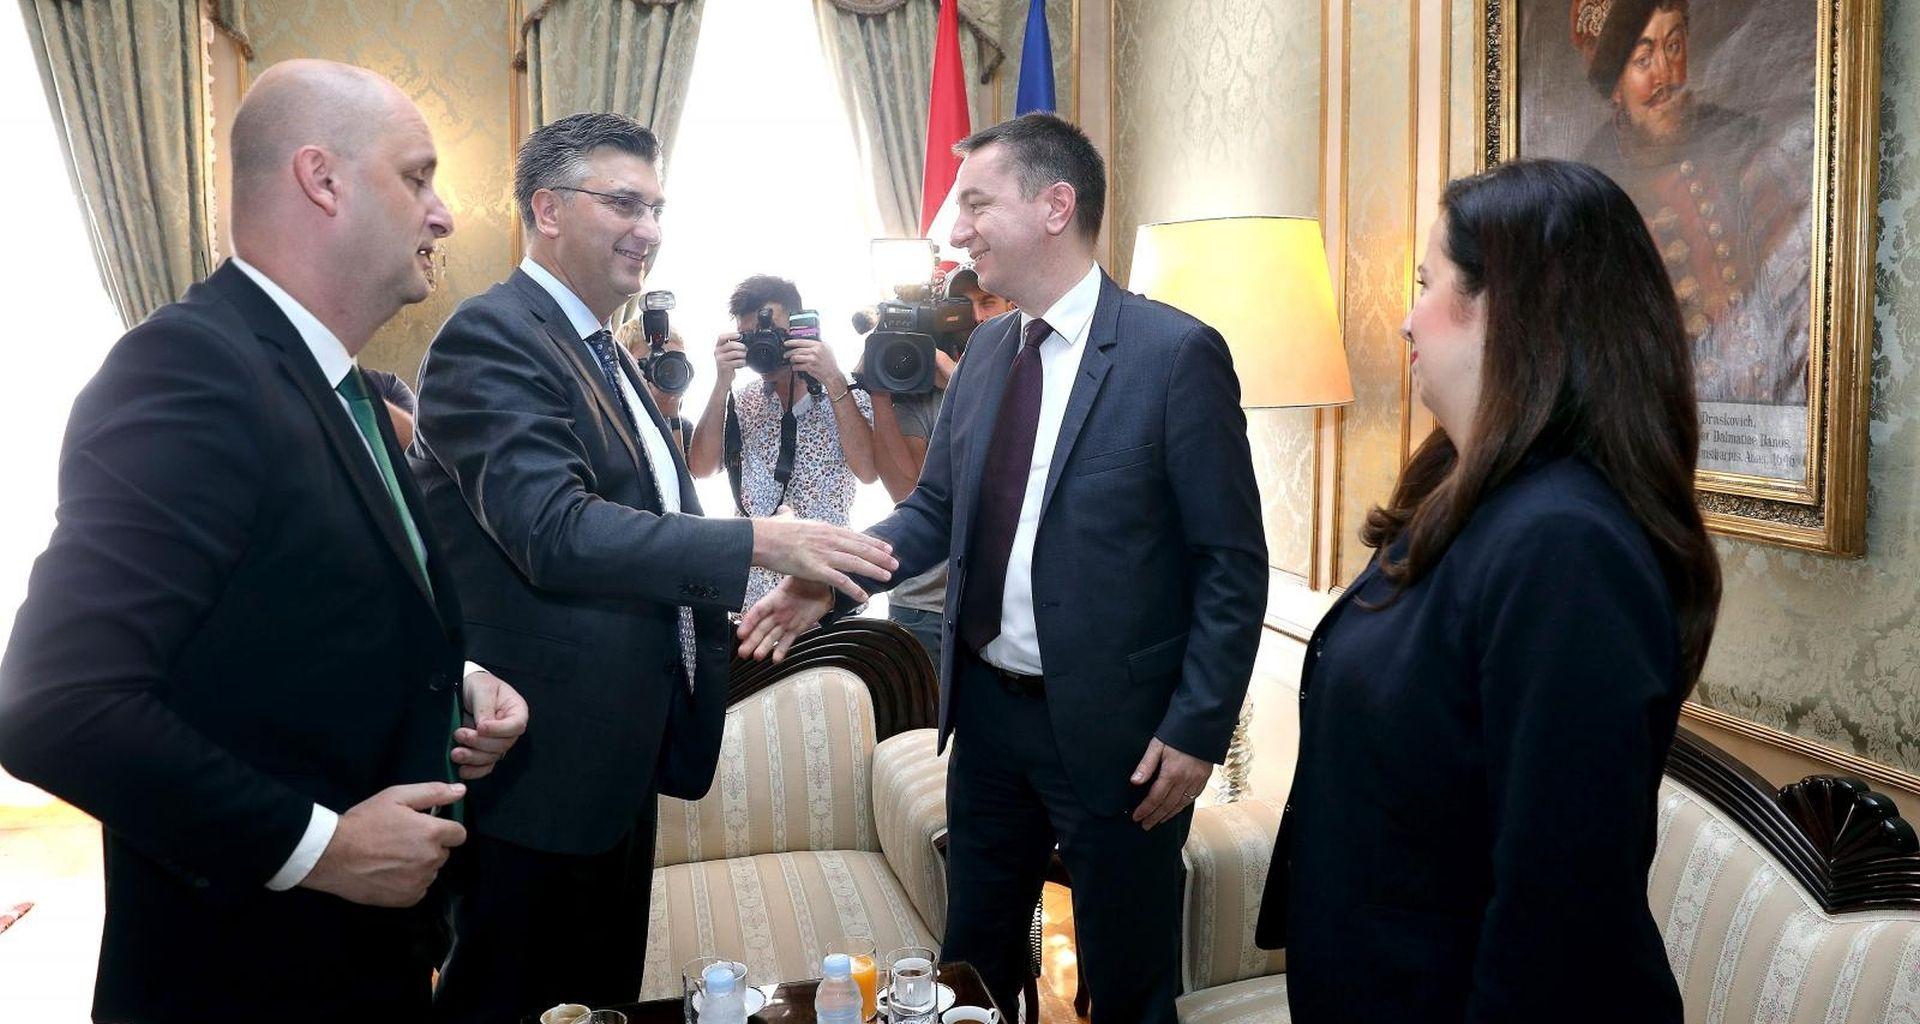 Pobuna protiv Tolušićeve direktive o ugovoru s Agrokorom